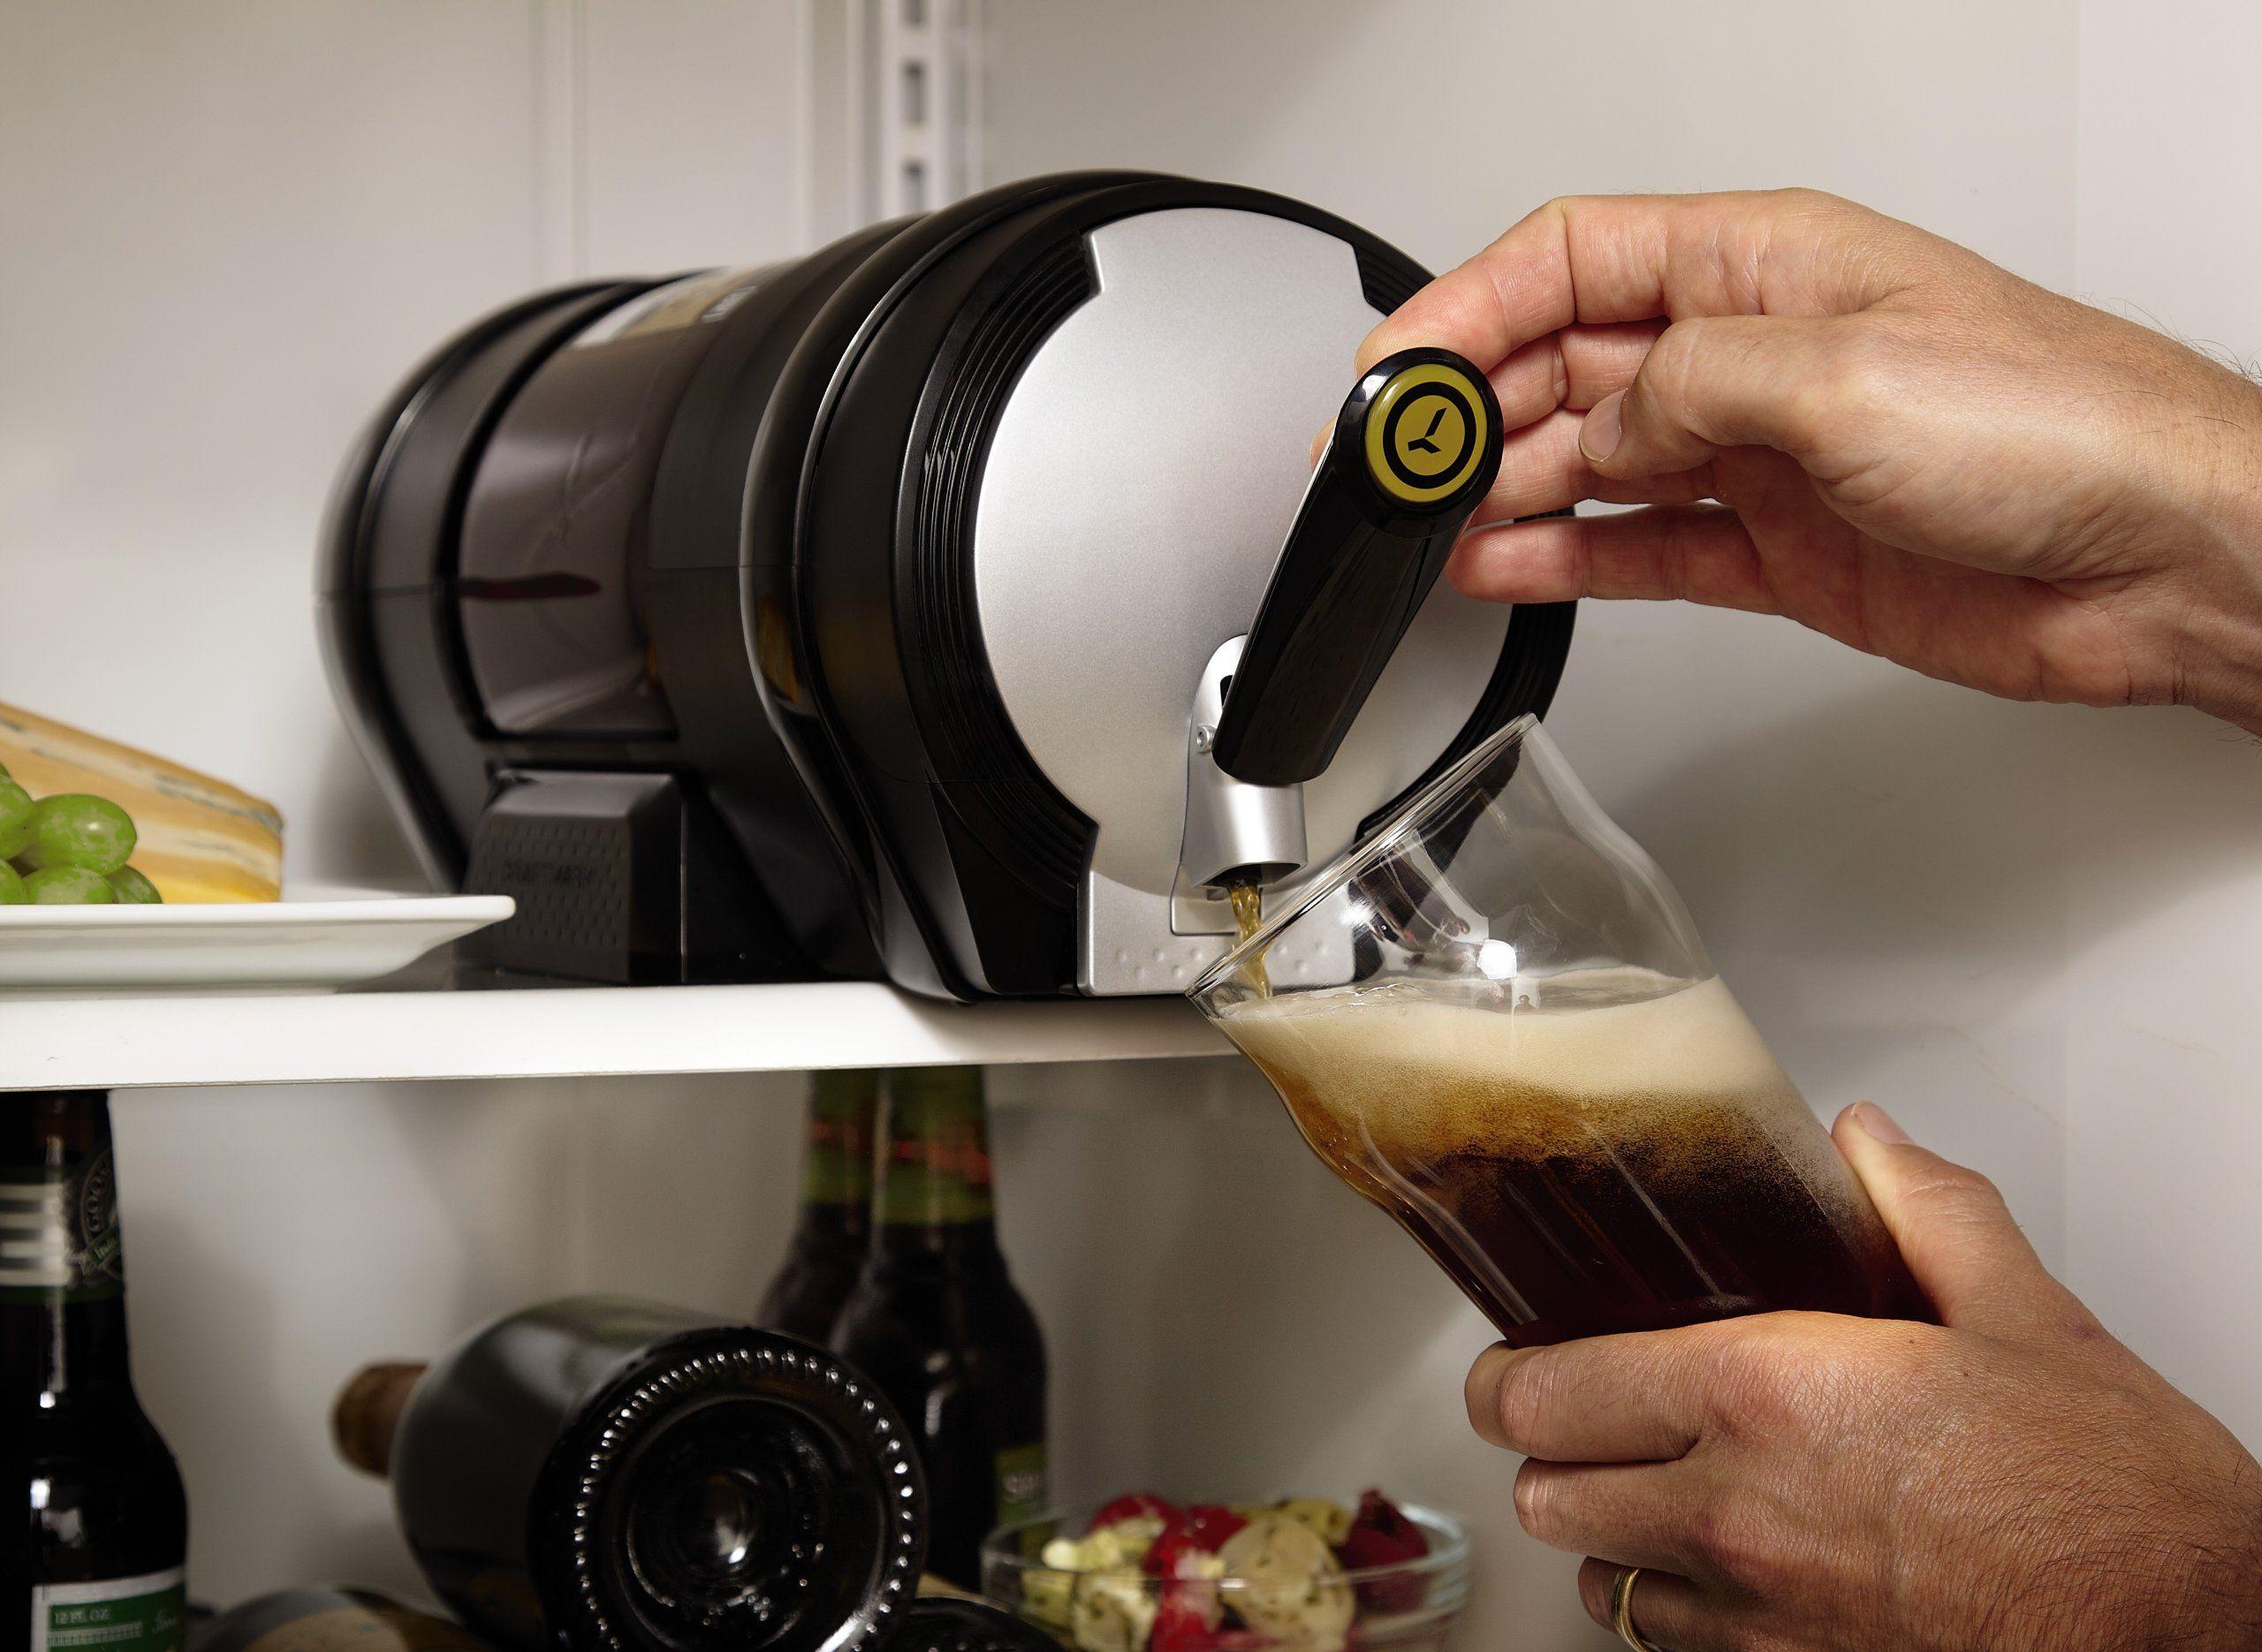 Draftmark 1pack tap system nbabpd1500000